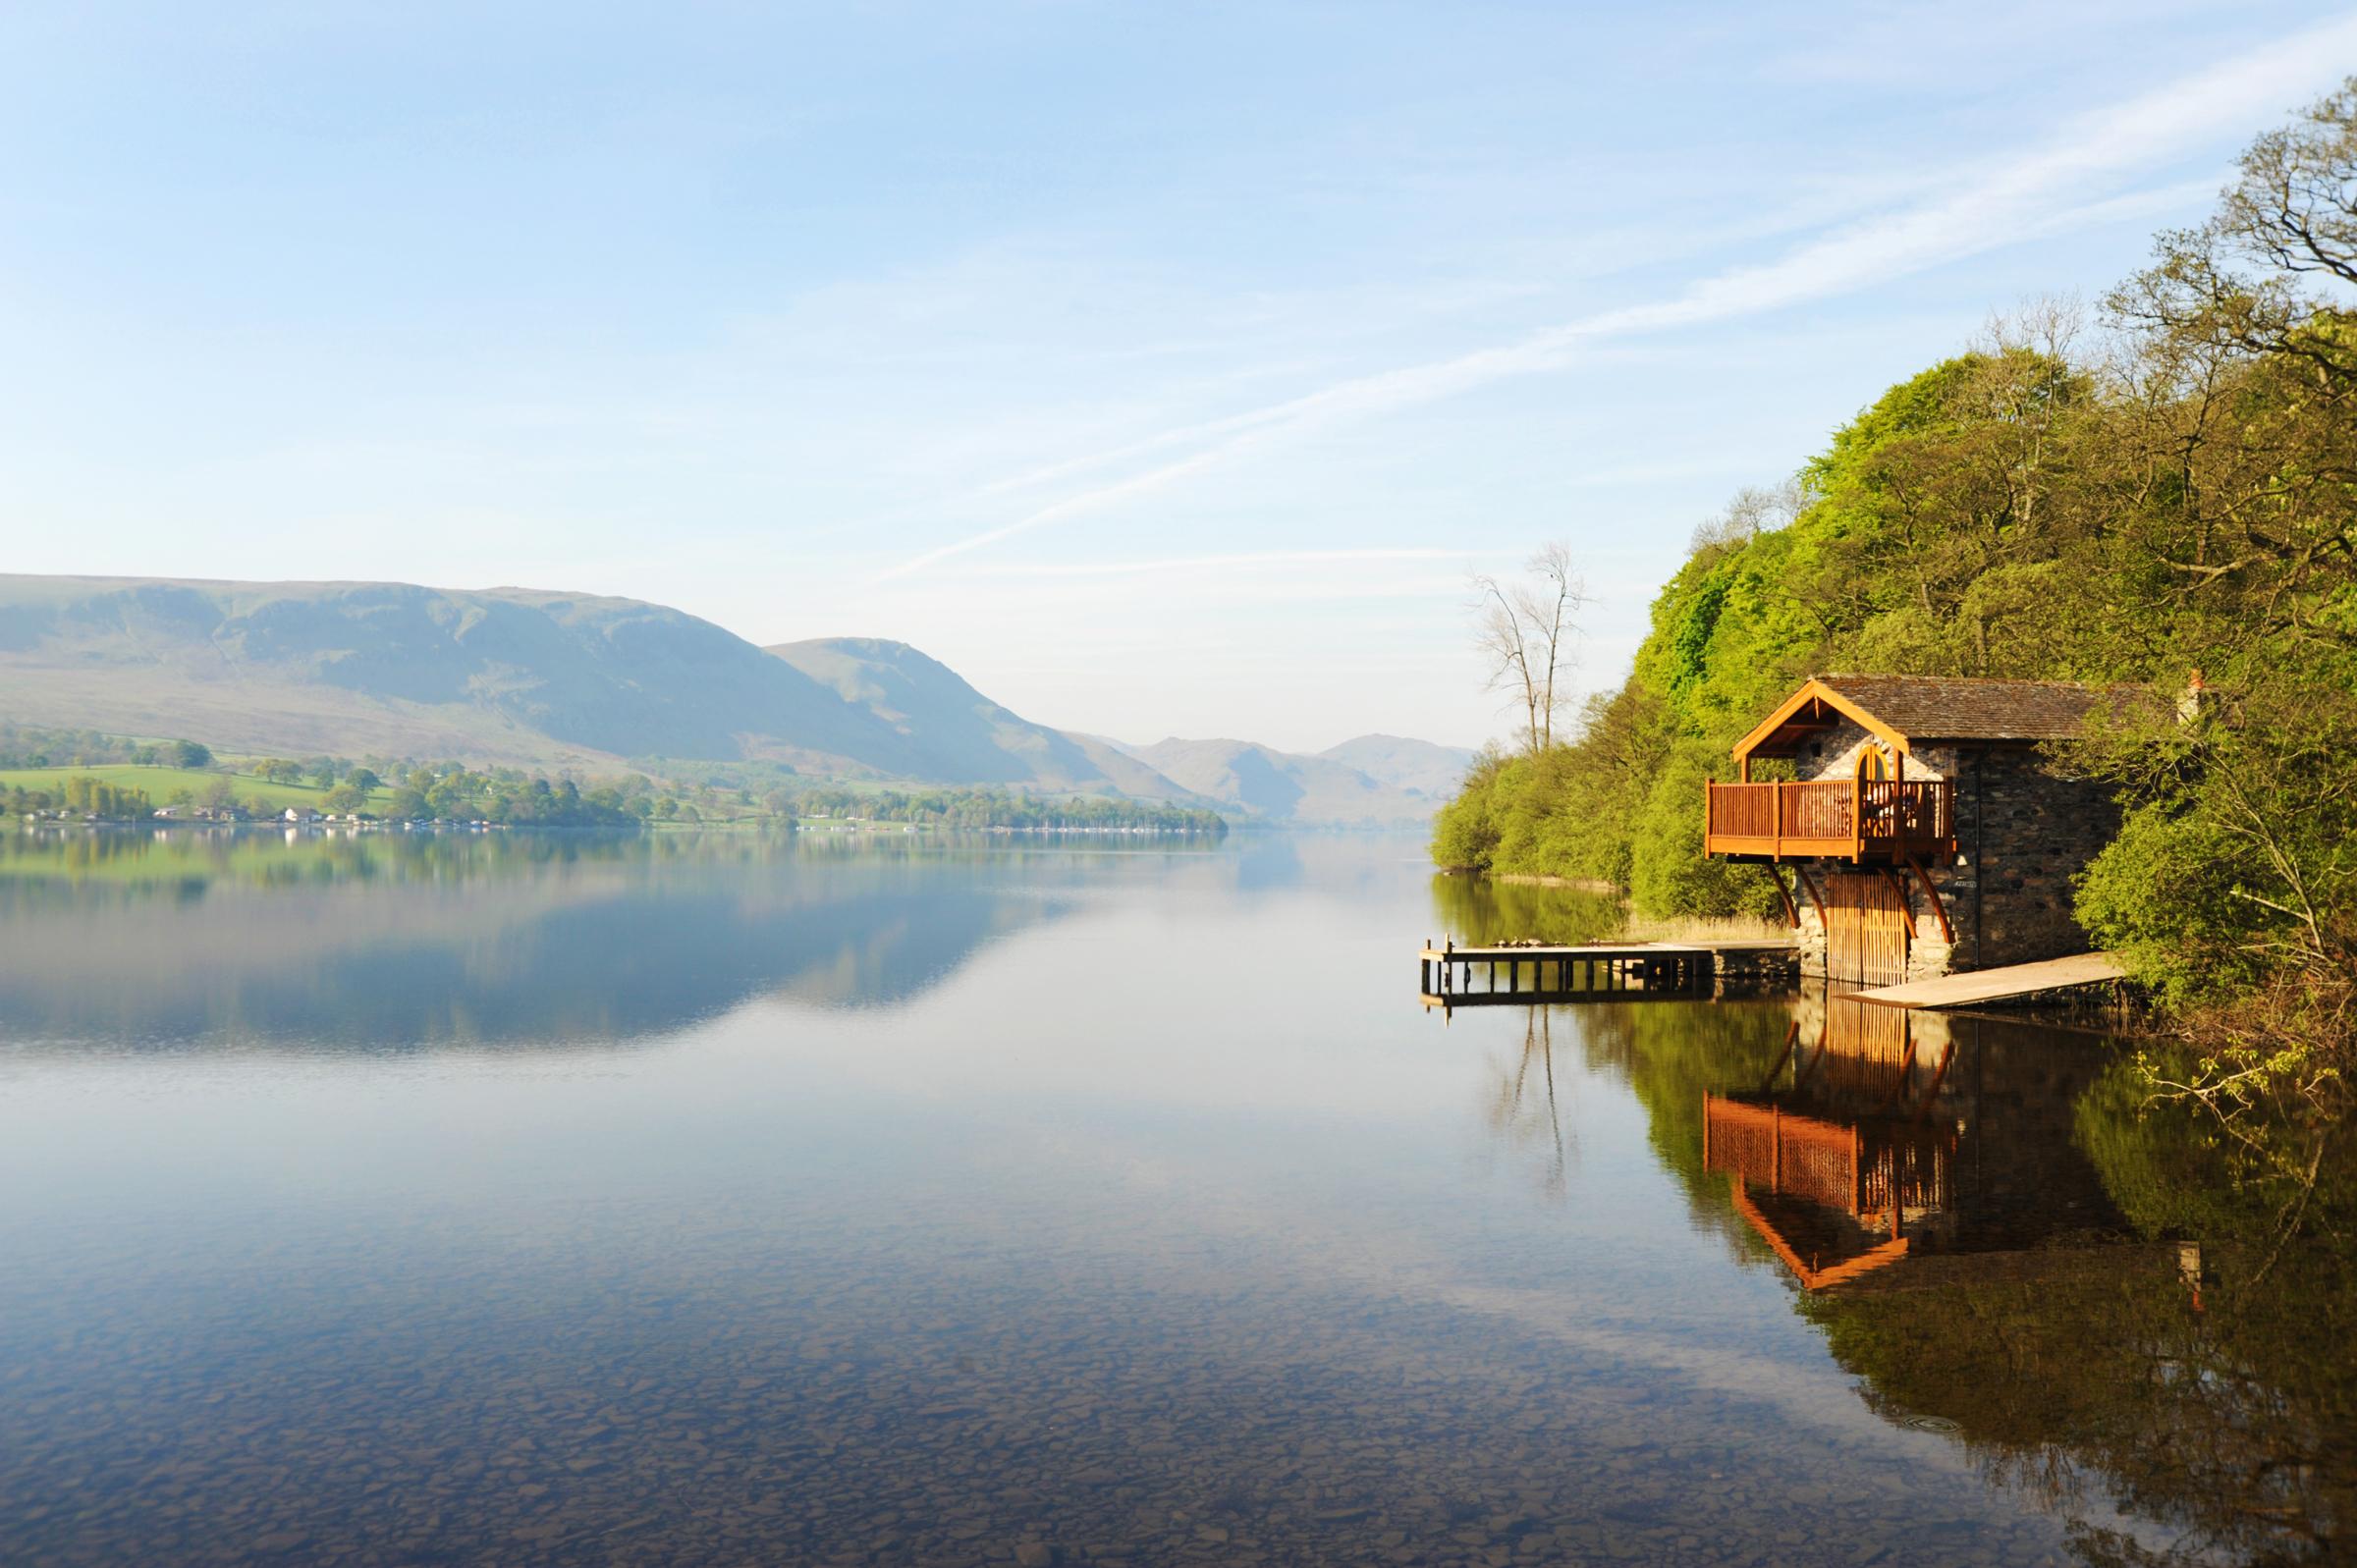 Swiss Cottage Boathouse